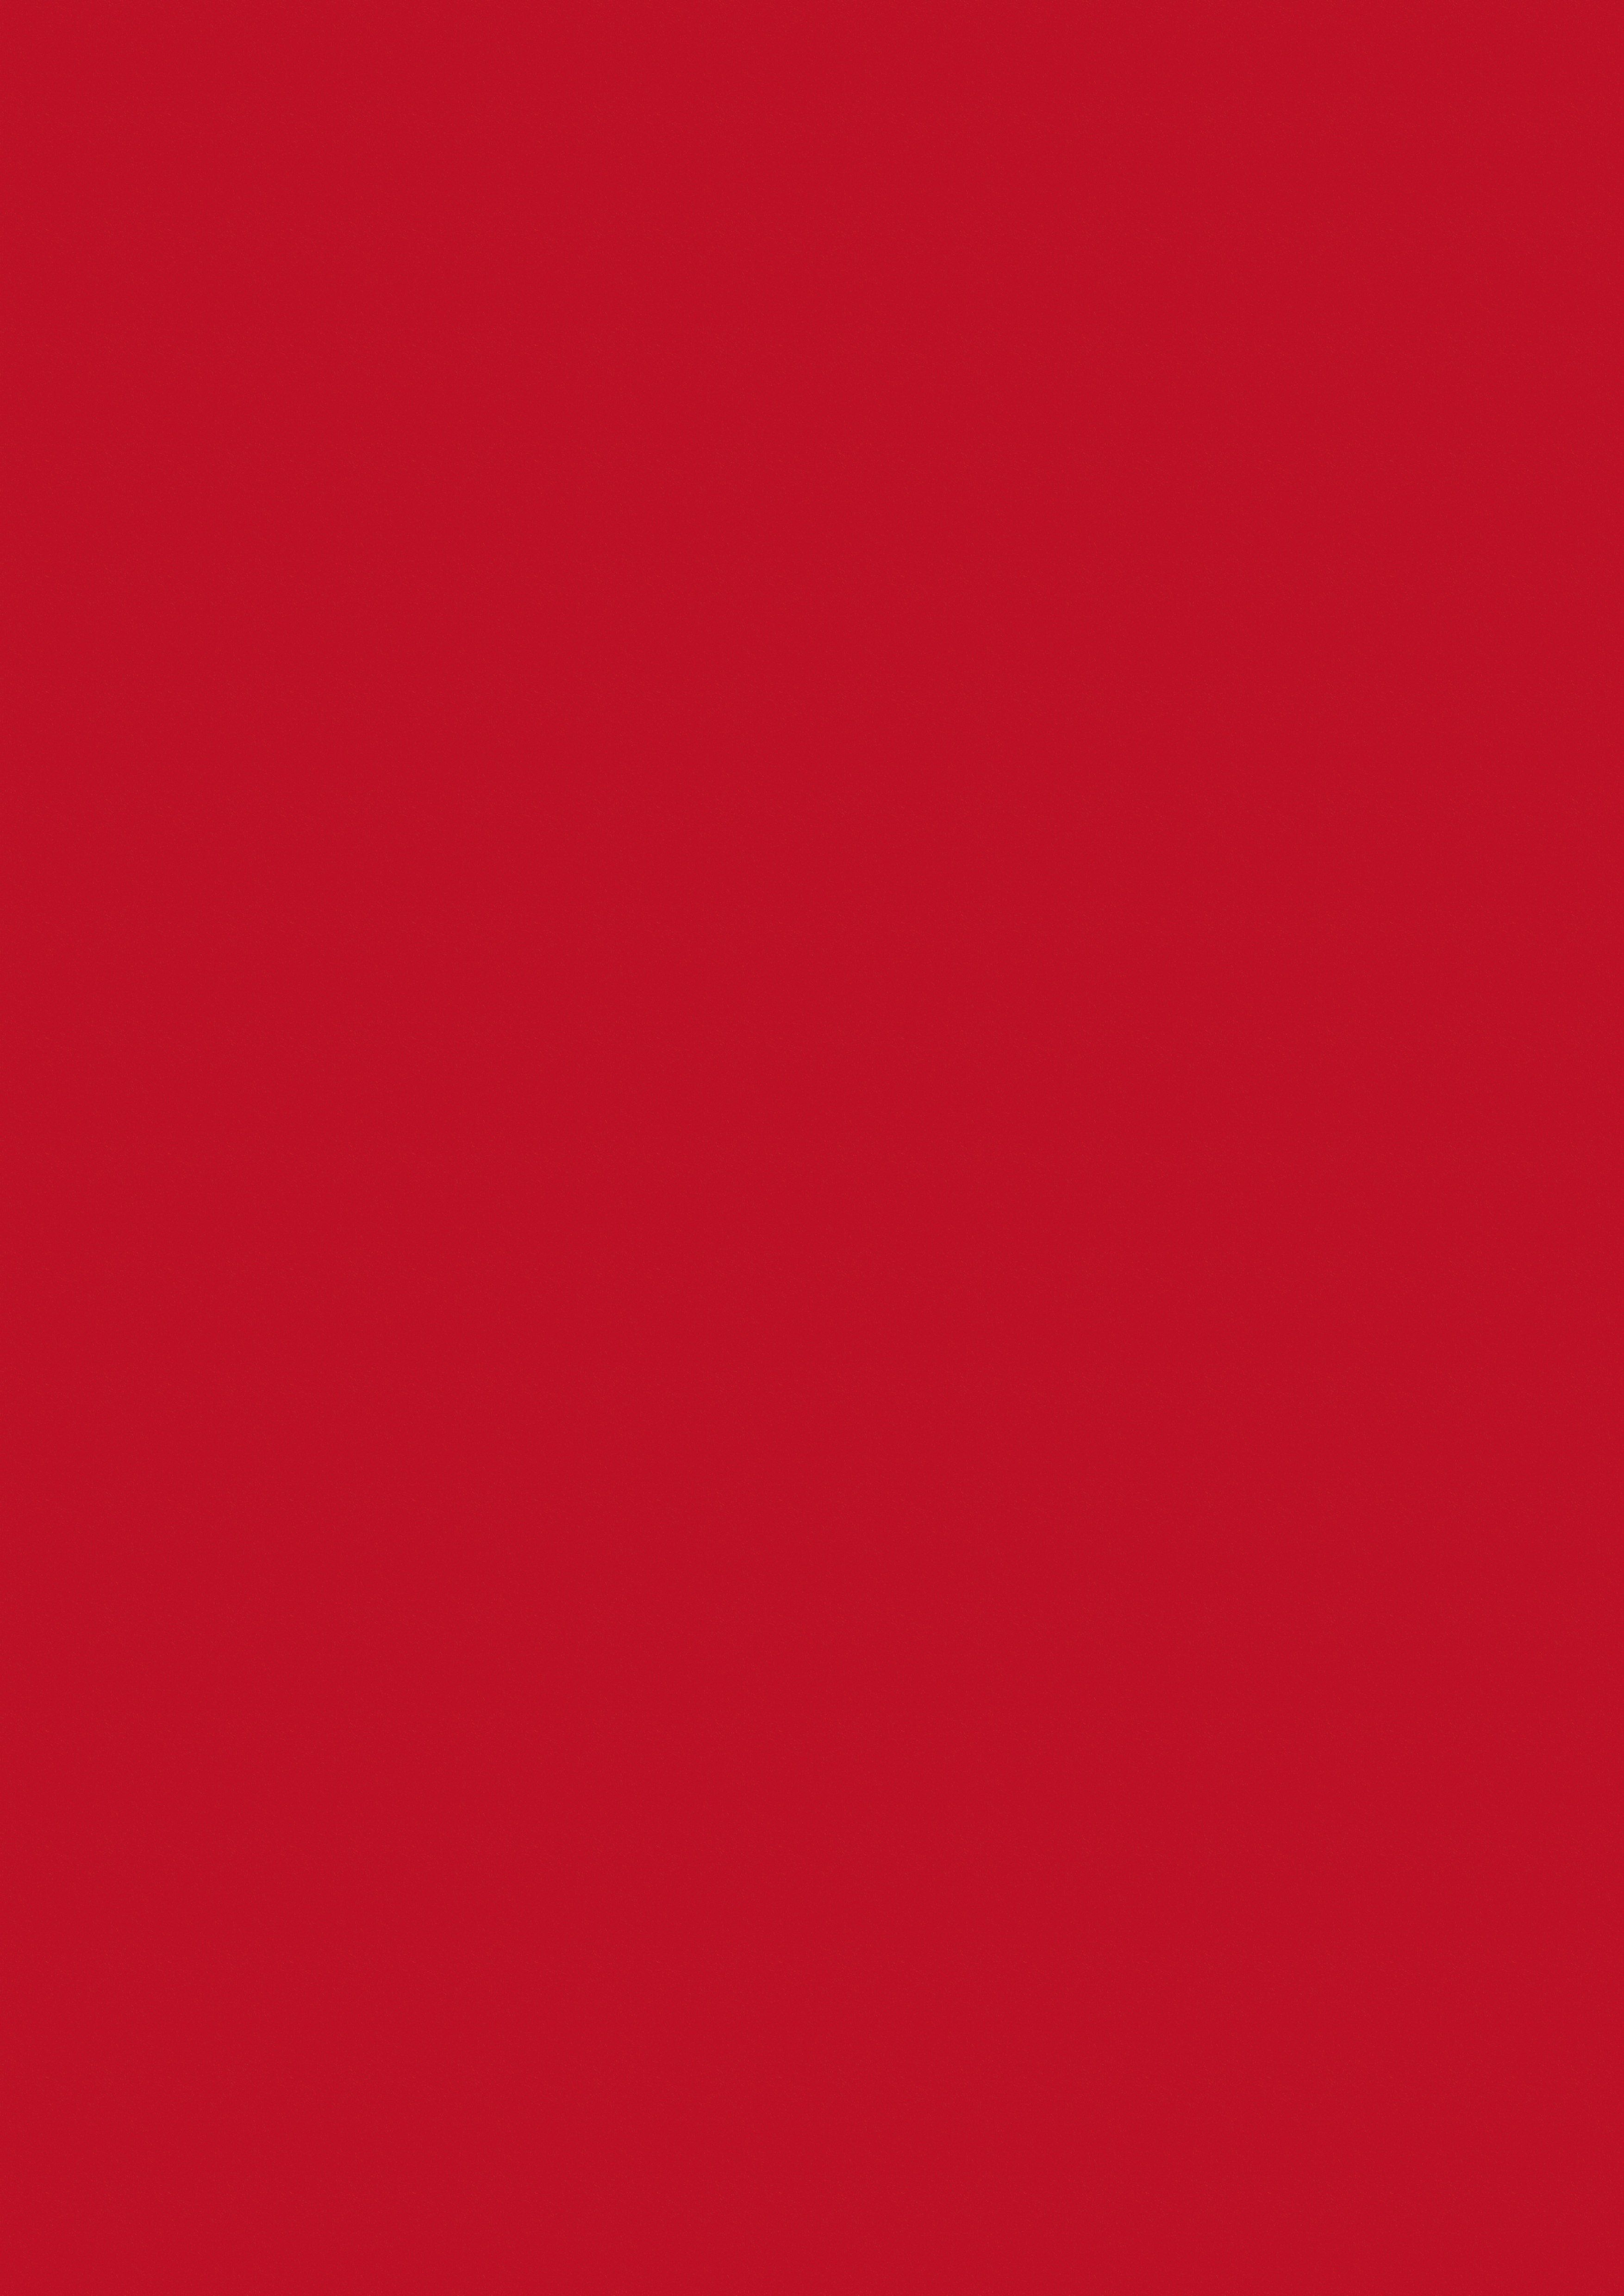 egger u321 st15 red ral 3020 pantone 485c ncs s1580 y90r pinterest. Black Bedroom Furniture Sets. Home Design Ideas